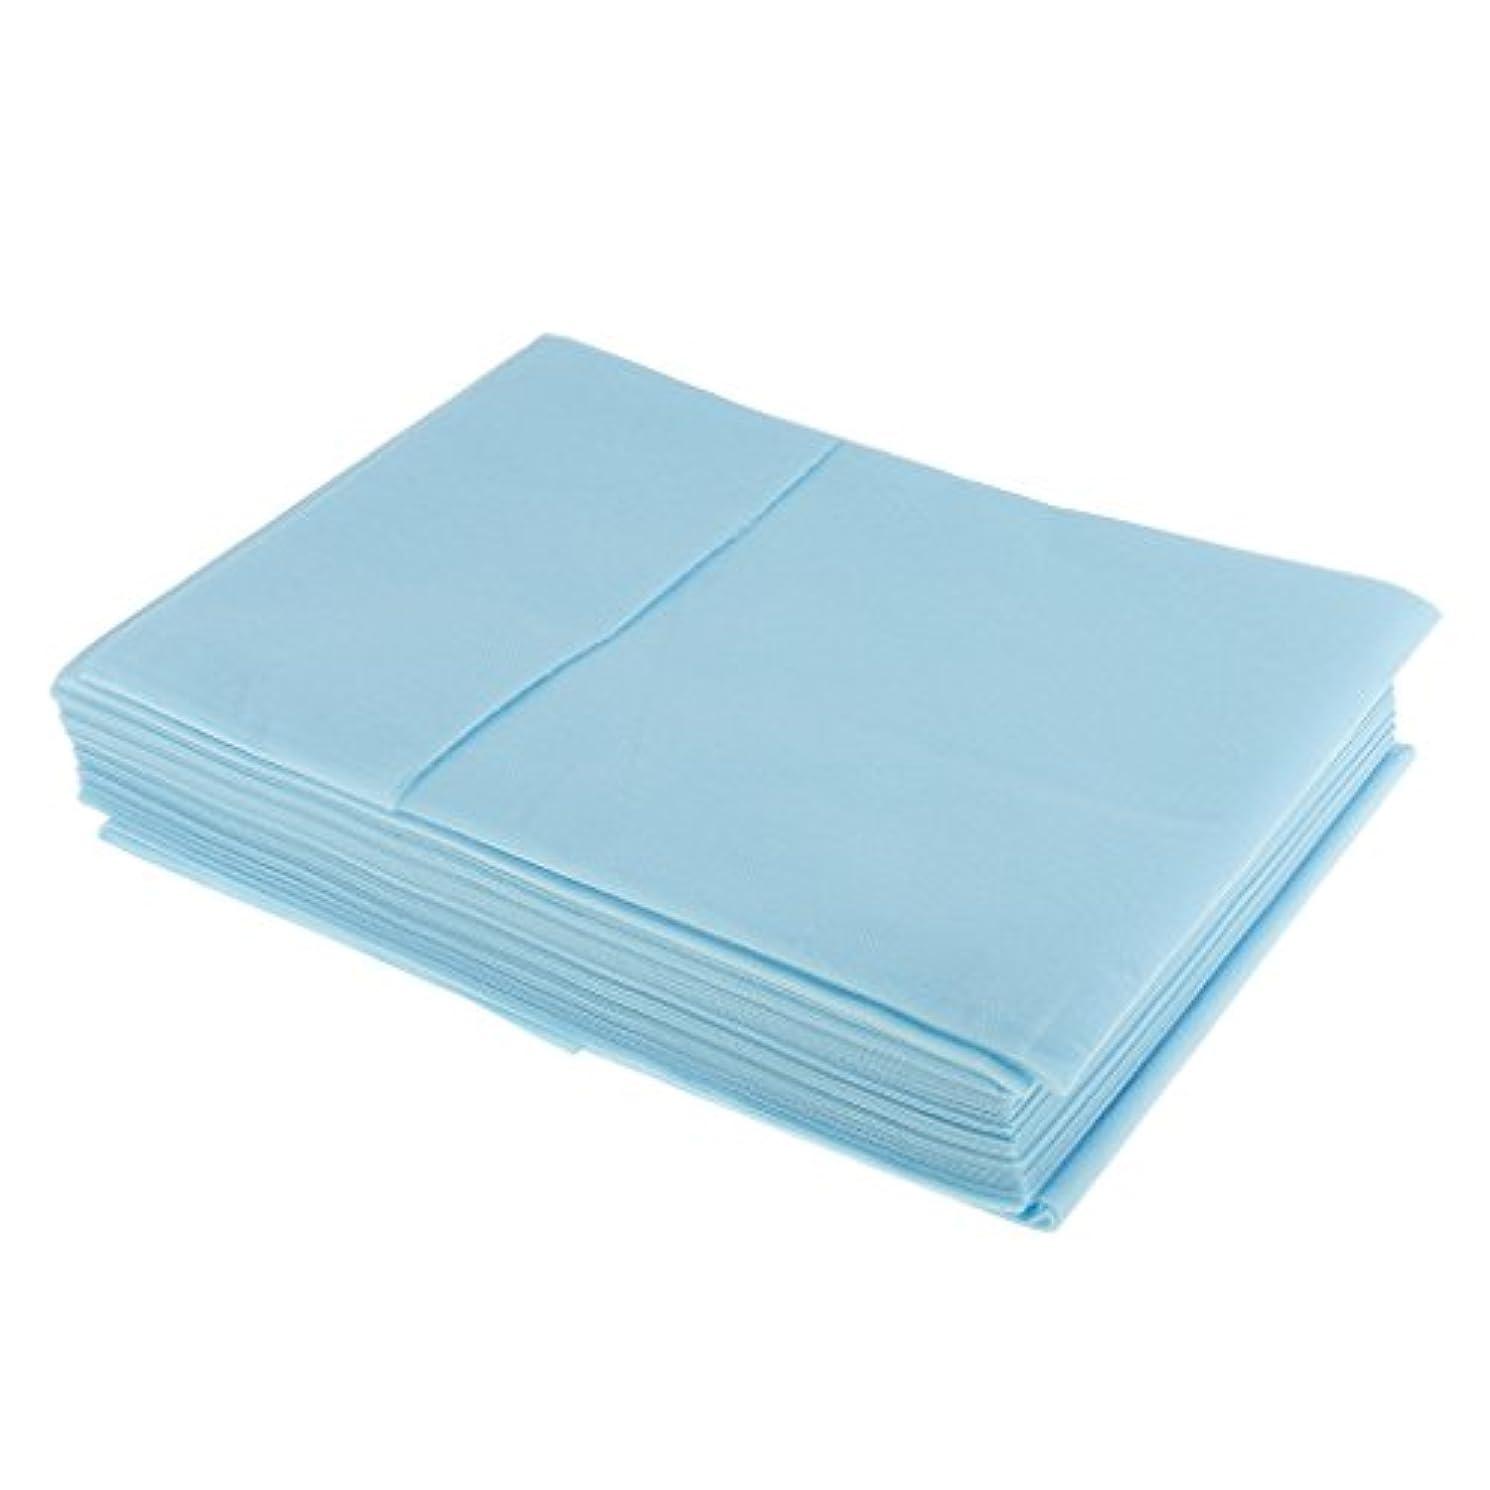 フィドル改善抜本的なPerfk 10枚入り 使い捨て 衛生シート ベッドパッド 旅行用 美容室/マッサージ/サロン/ホテル 店舗用品 全3色選べ - 青